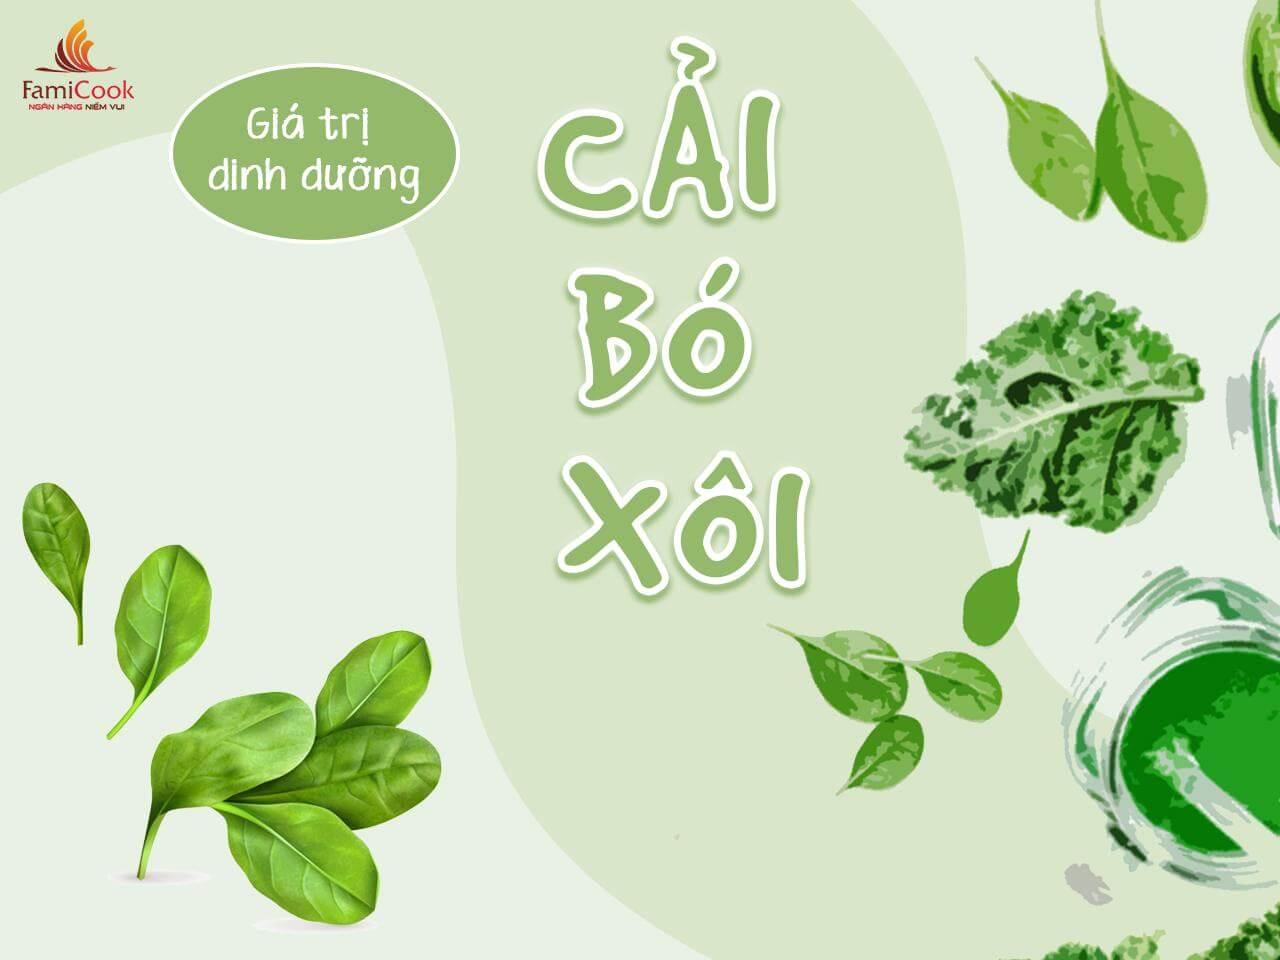 lợi ích sức khỏe của rau cải bó xôi